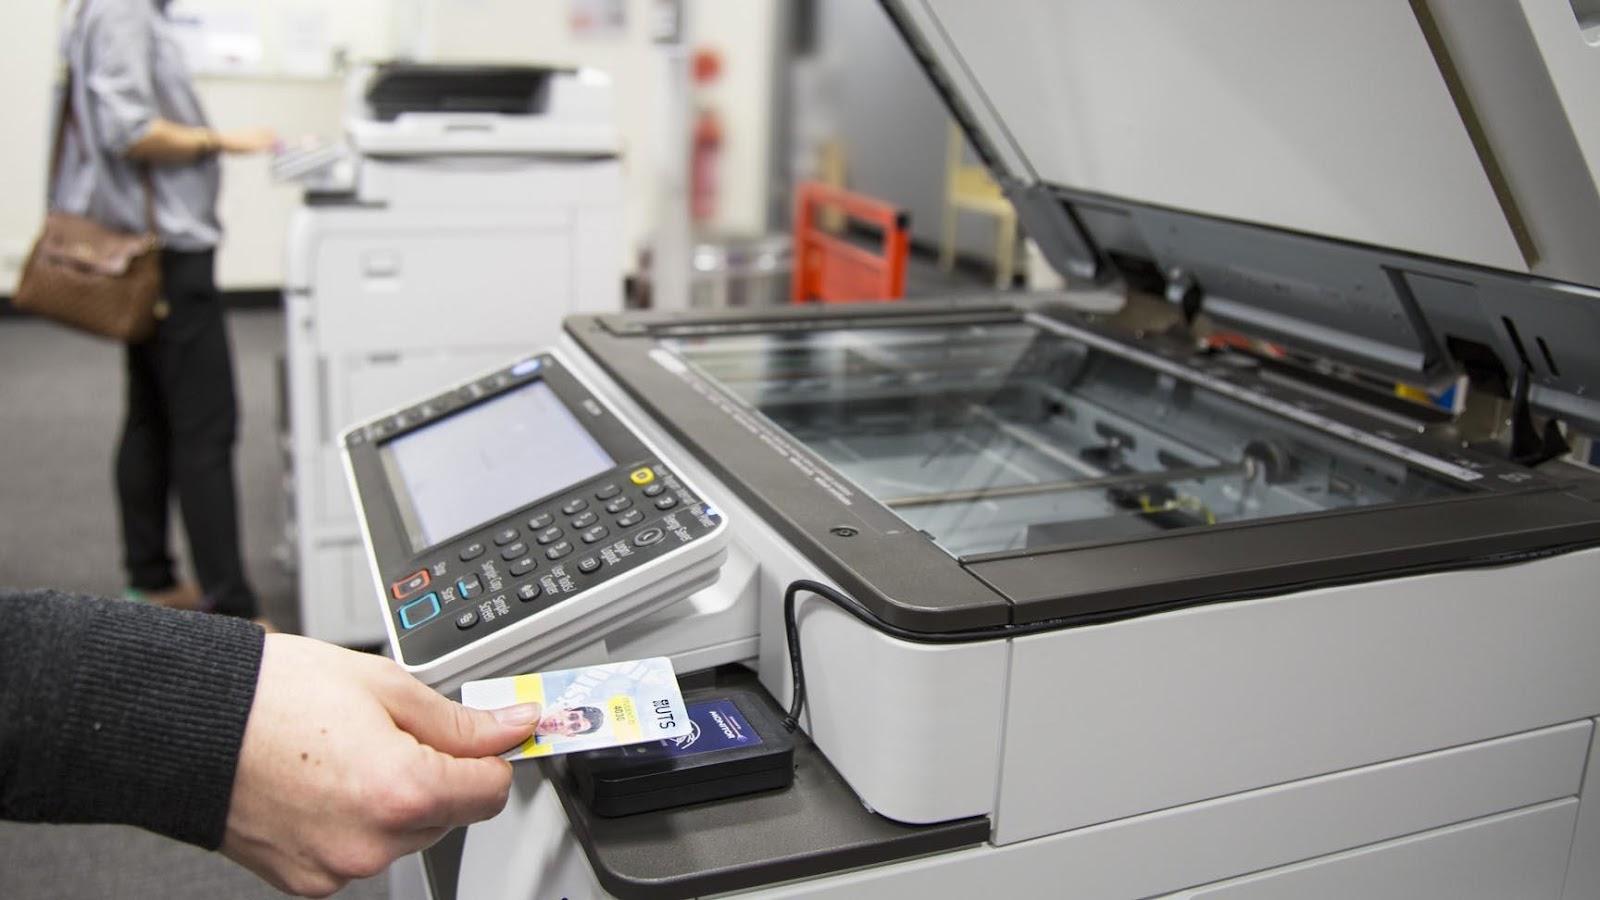 Nên mua máy photocopy nhập khẩu tại đâu?